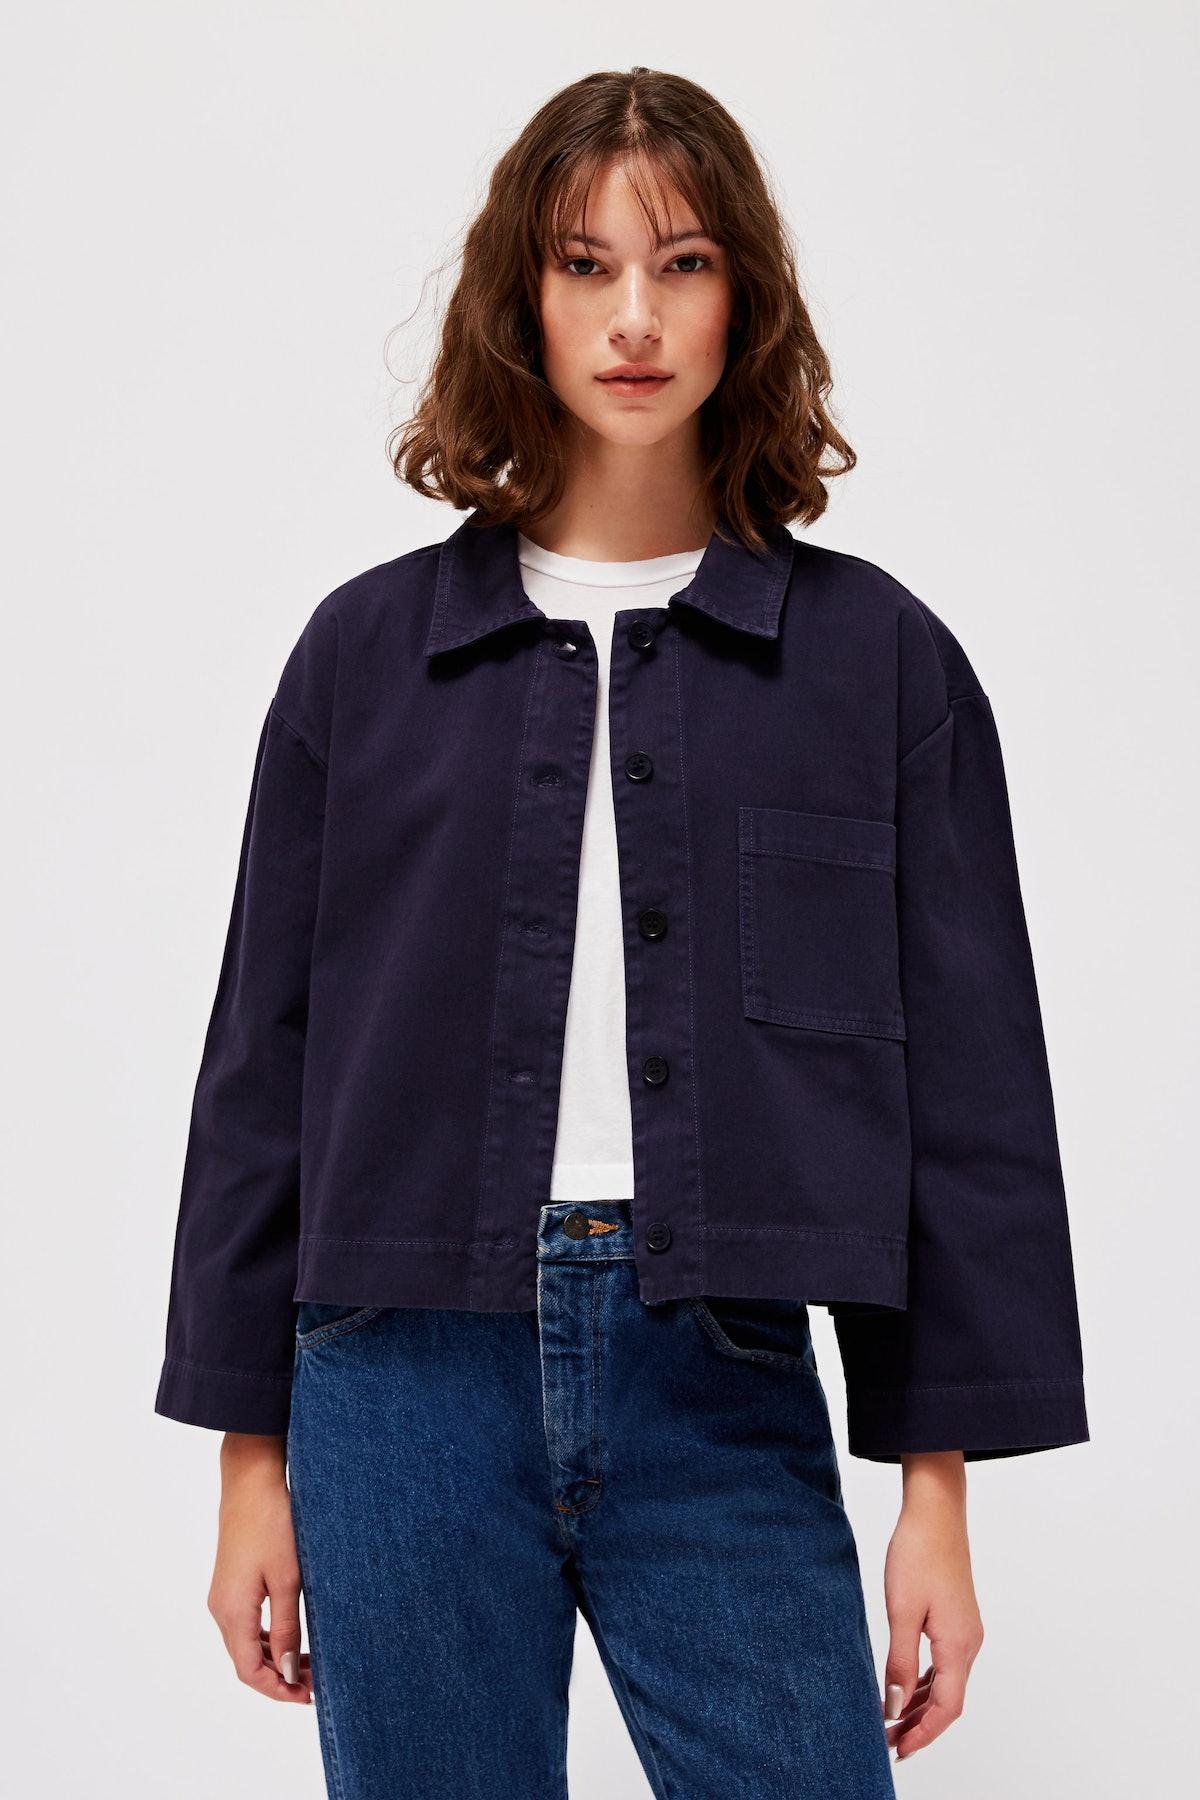 Brushed Jane Jacket